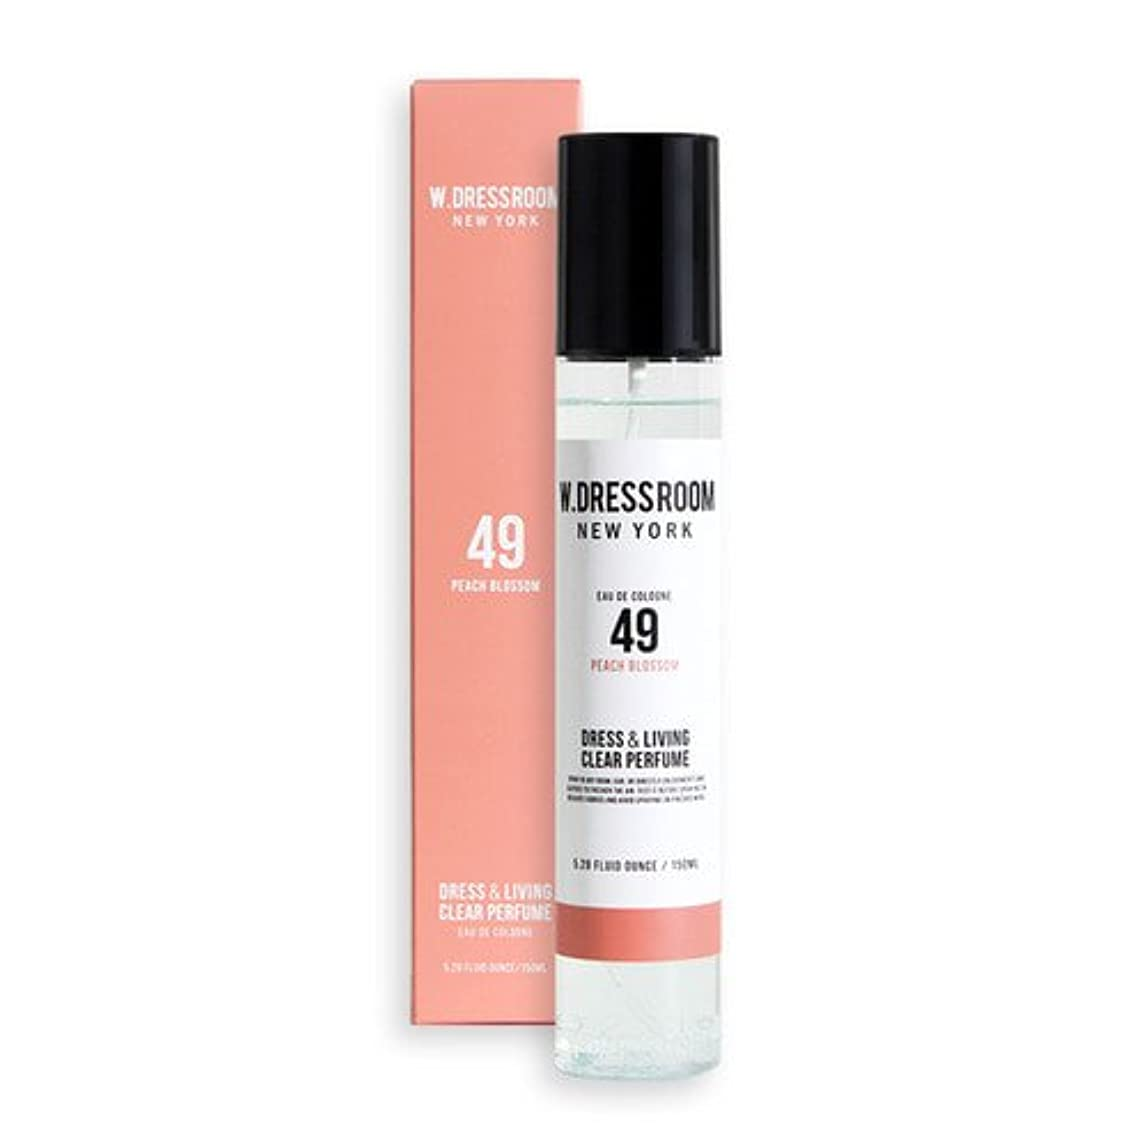 不均一小切手経済W.DRESSROOM Dress & Living Clear Perfume 150ml/ダブルドレスルーム ドレス&リビング クリア パフューム 150ml (#No.49 Peach Blossom) [並行輸入品]